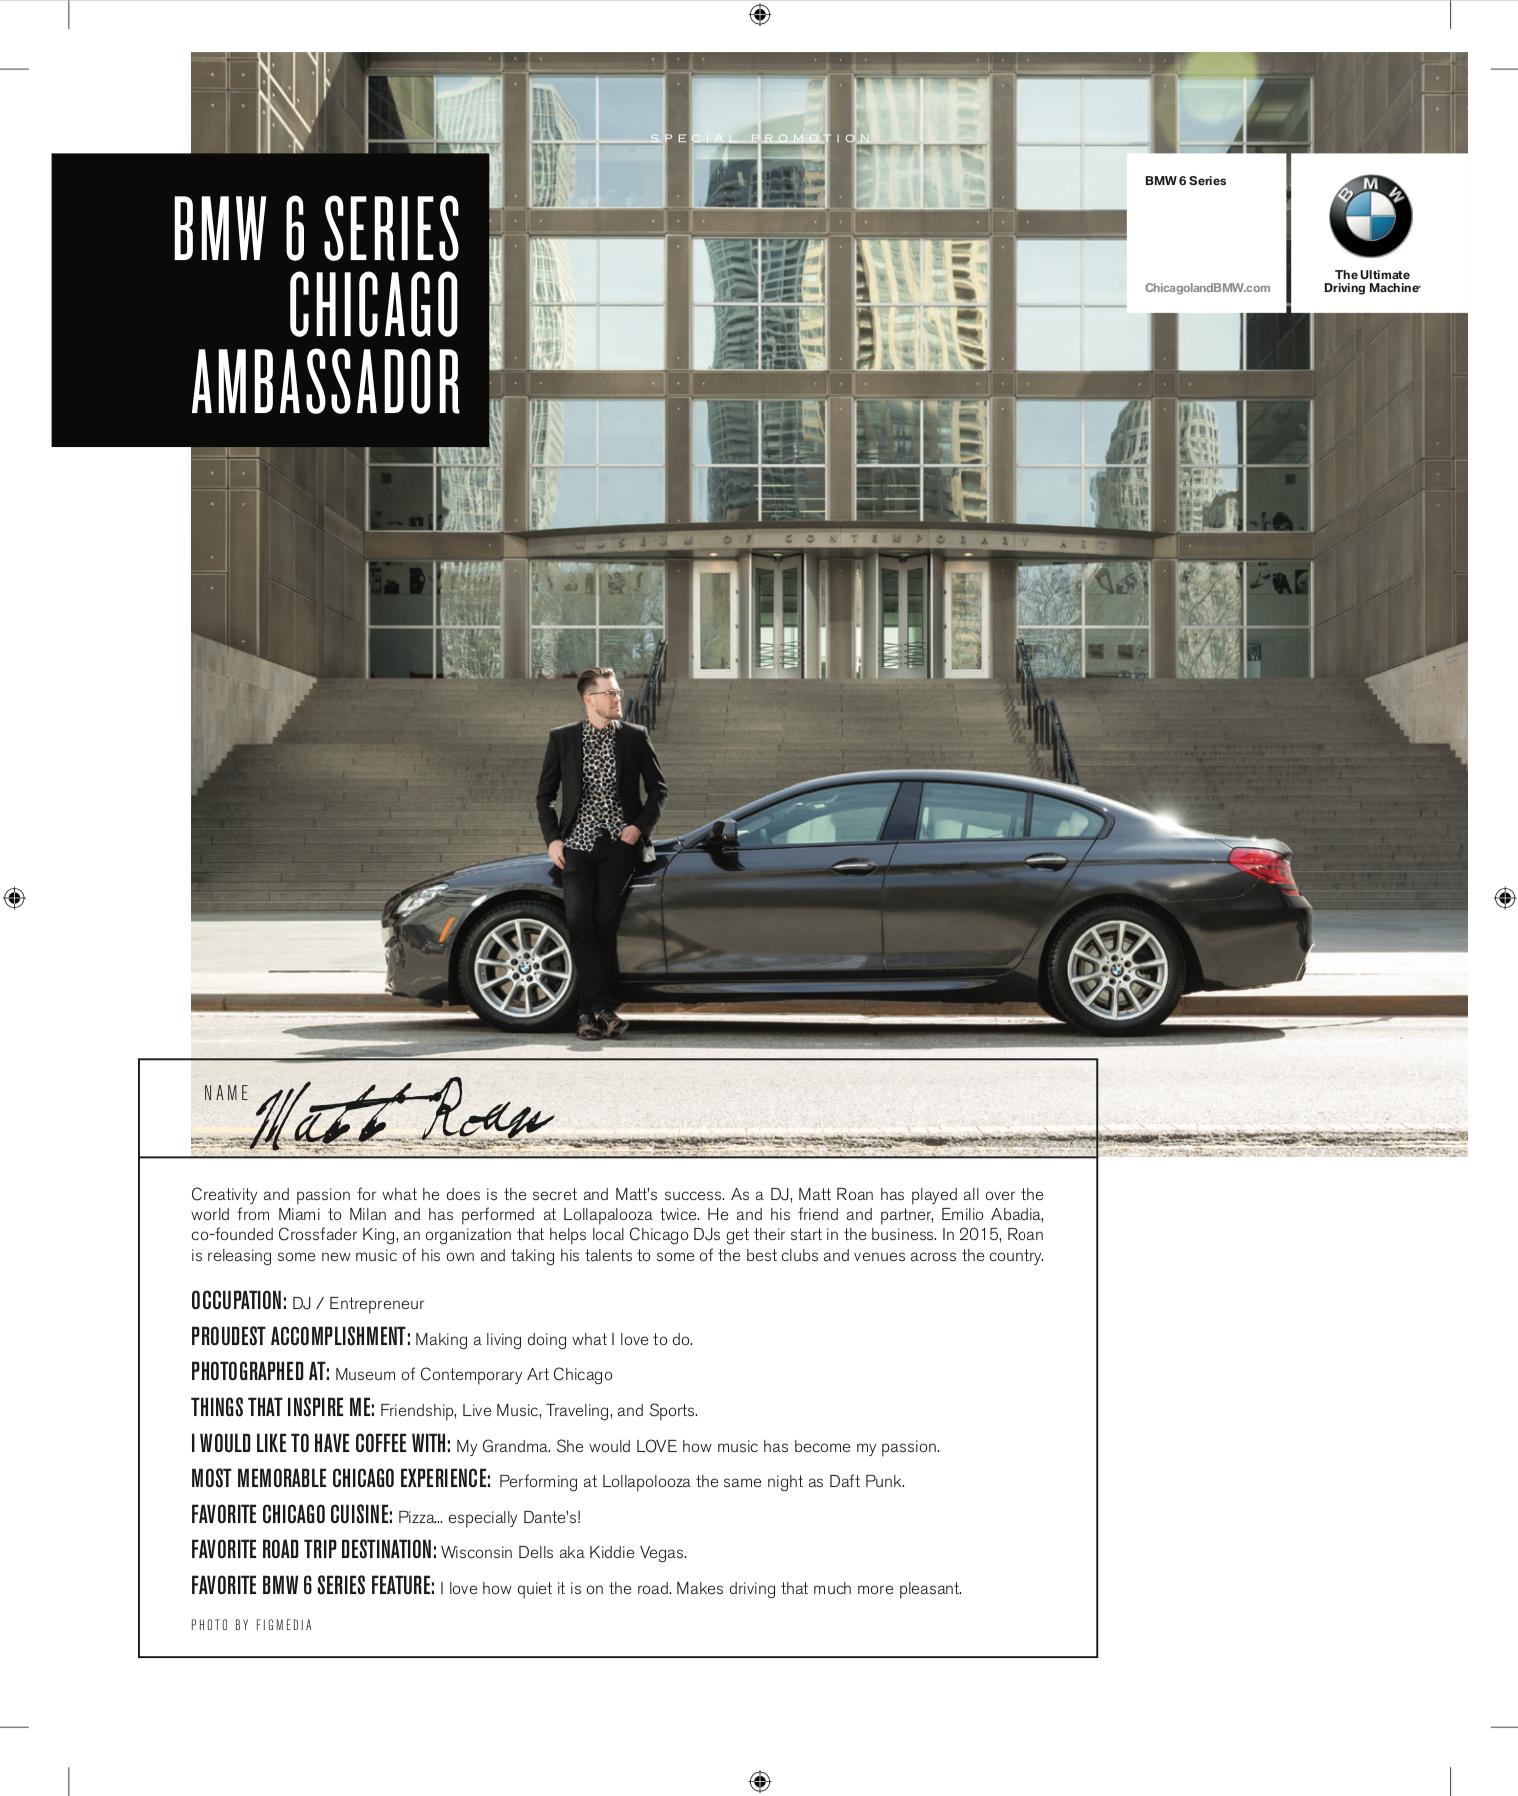 BMW-Matt-Roan.jpg